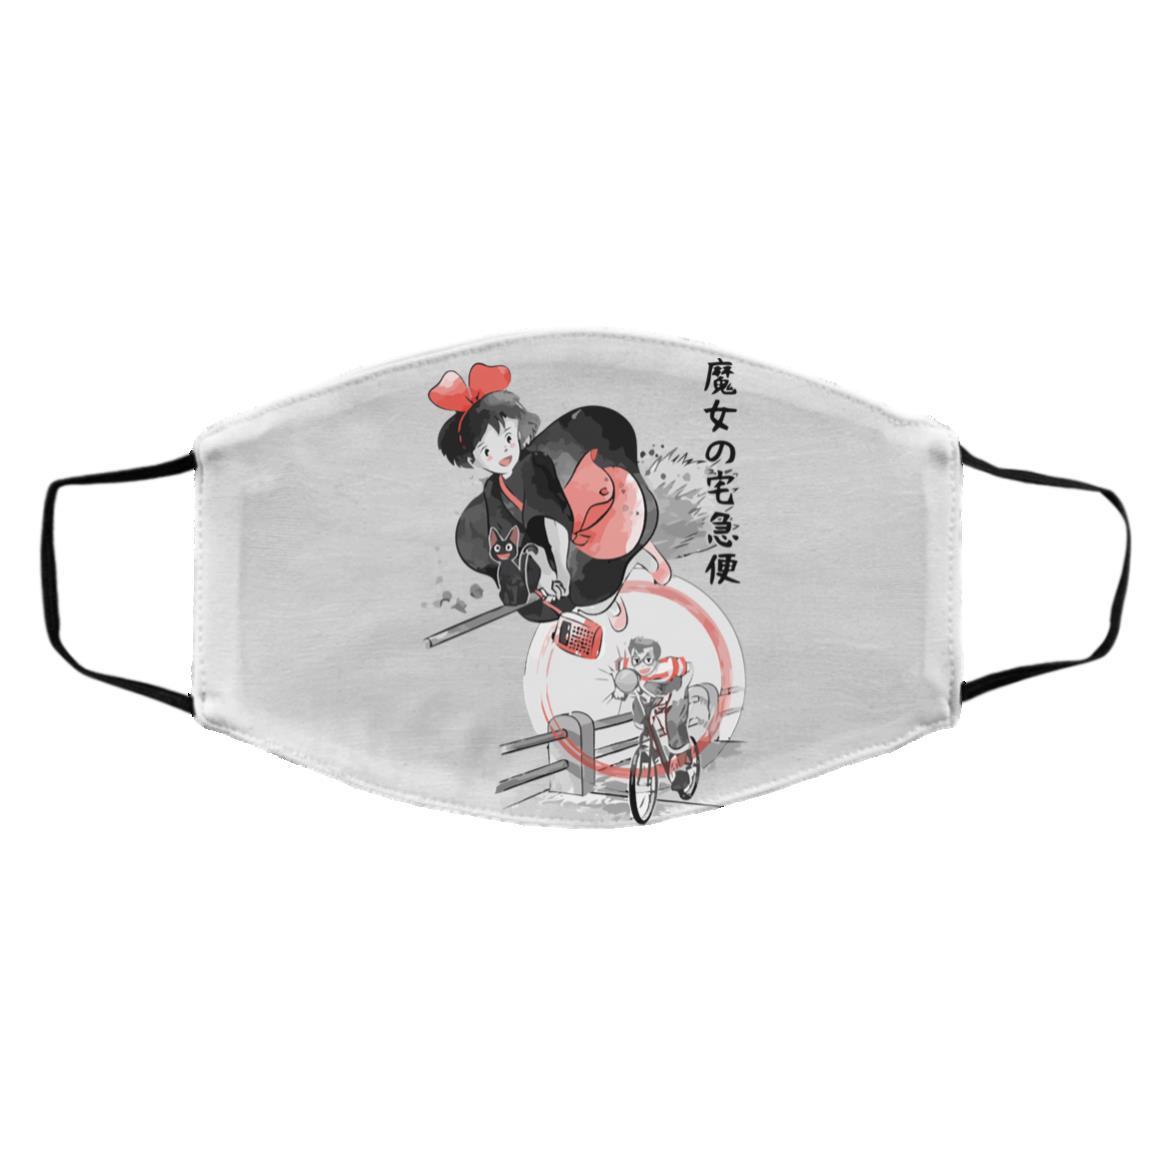 Kiki's Delivery Service – Kiki & Tombo Face Mask